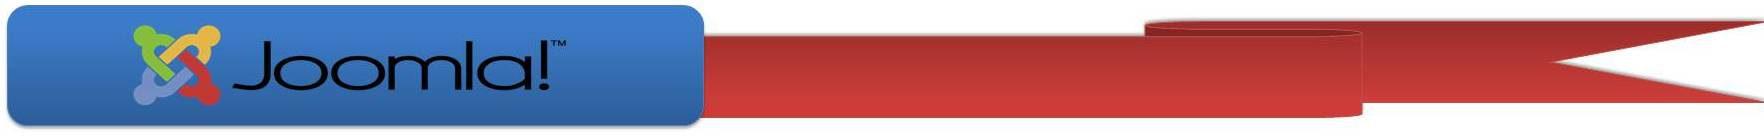 Joomla. Известная во всем мире платформа